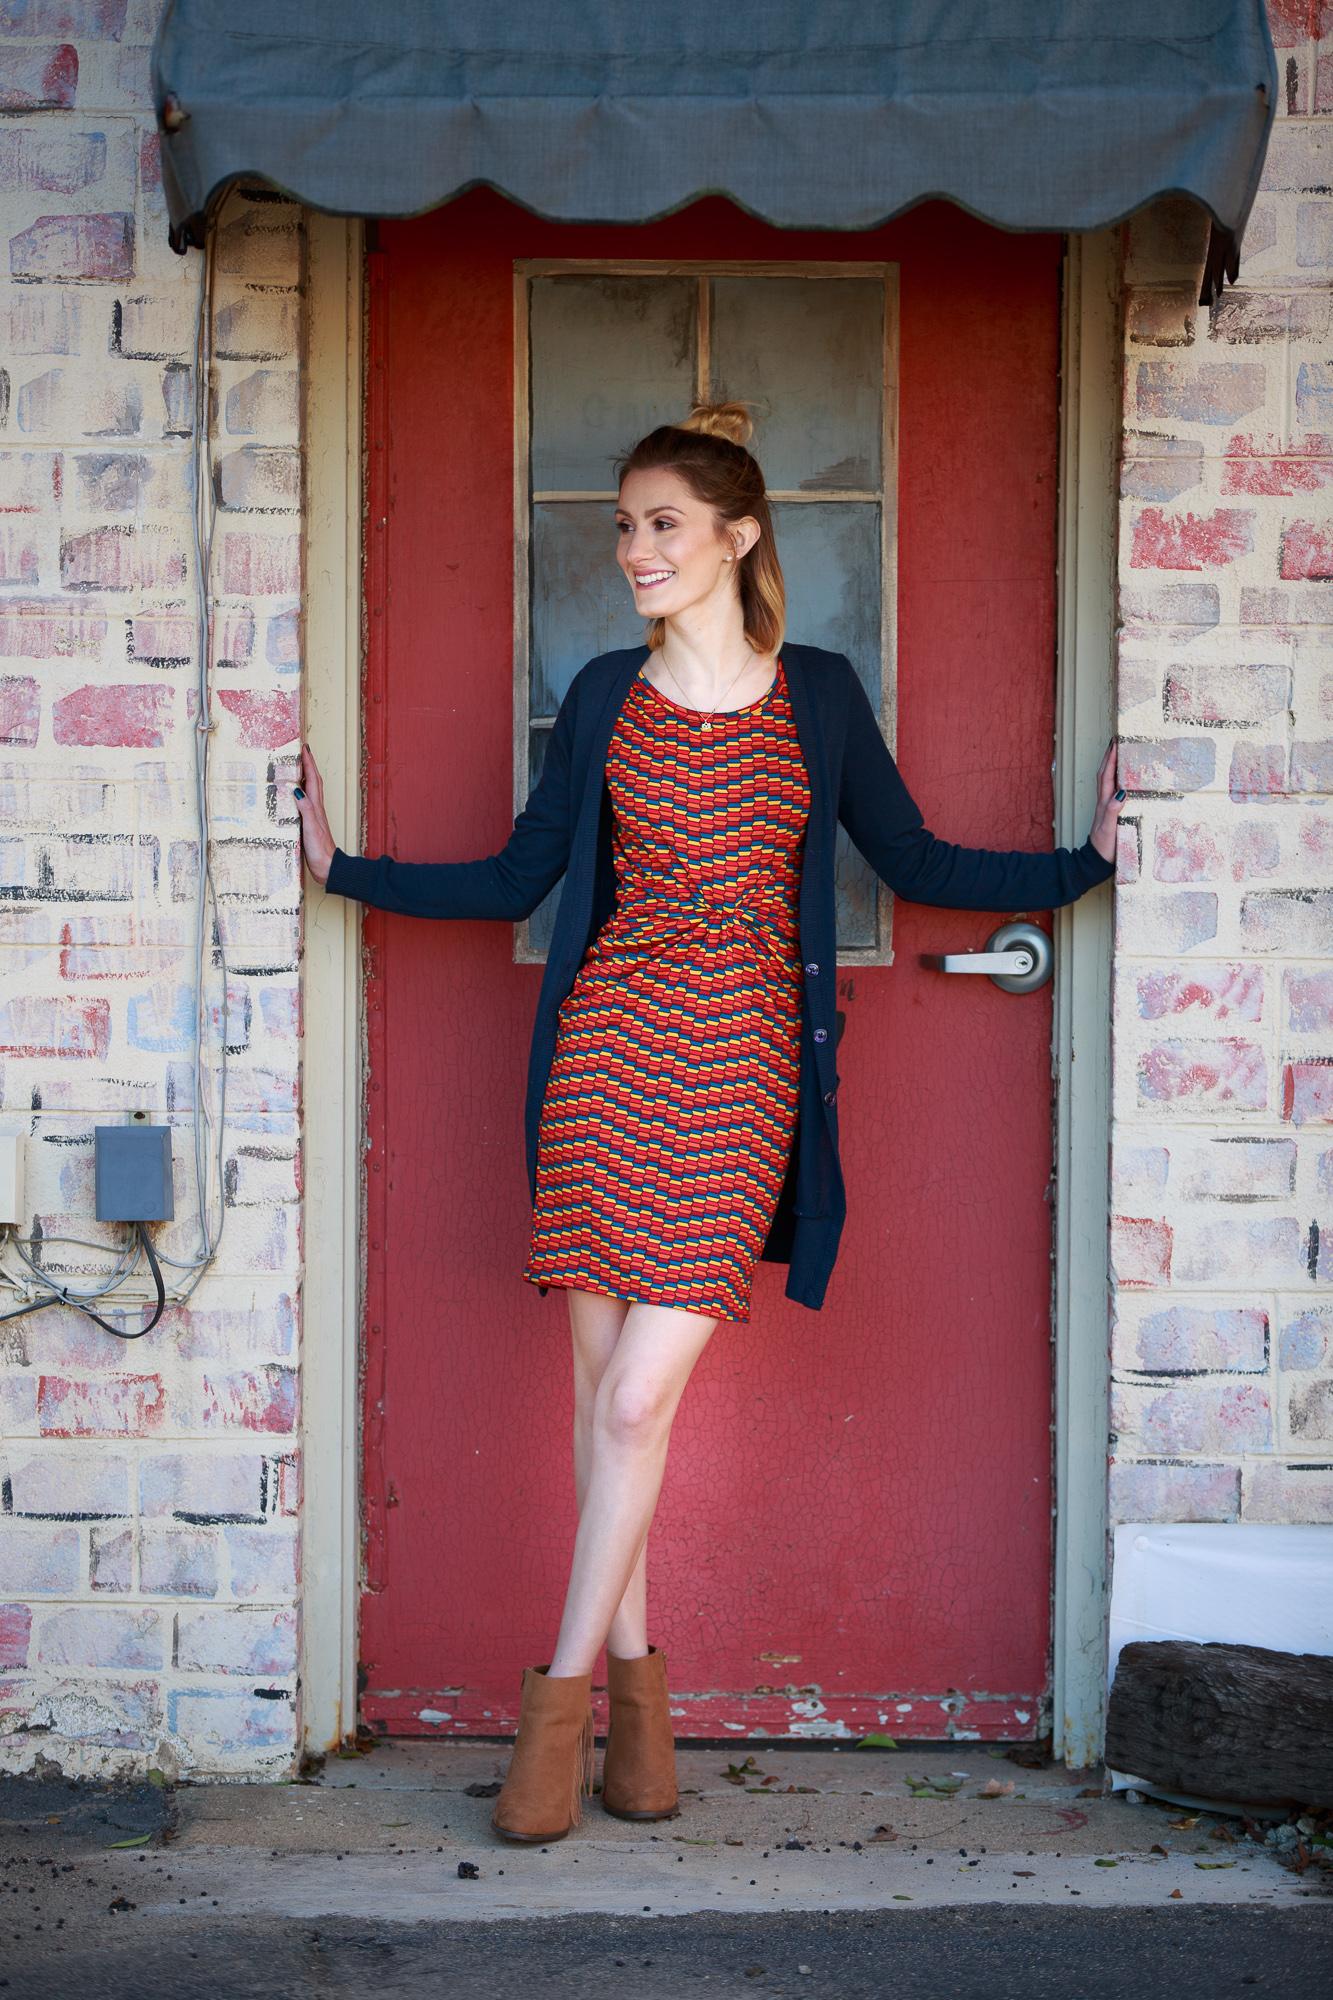 LulaRoe Julia Dress by Angela Lang photos in Downtown Cary North Carolina